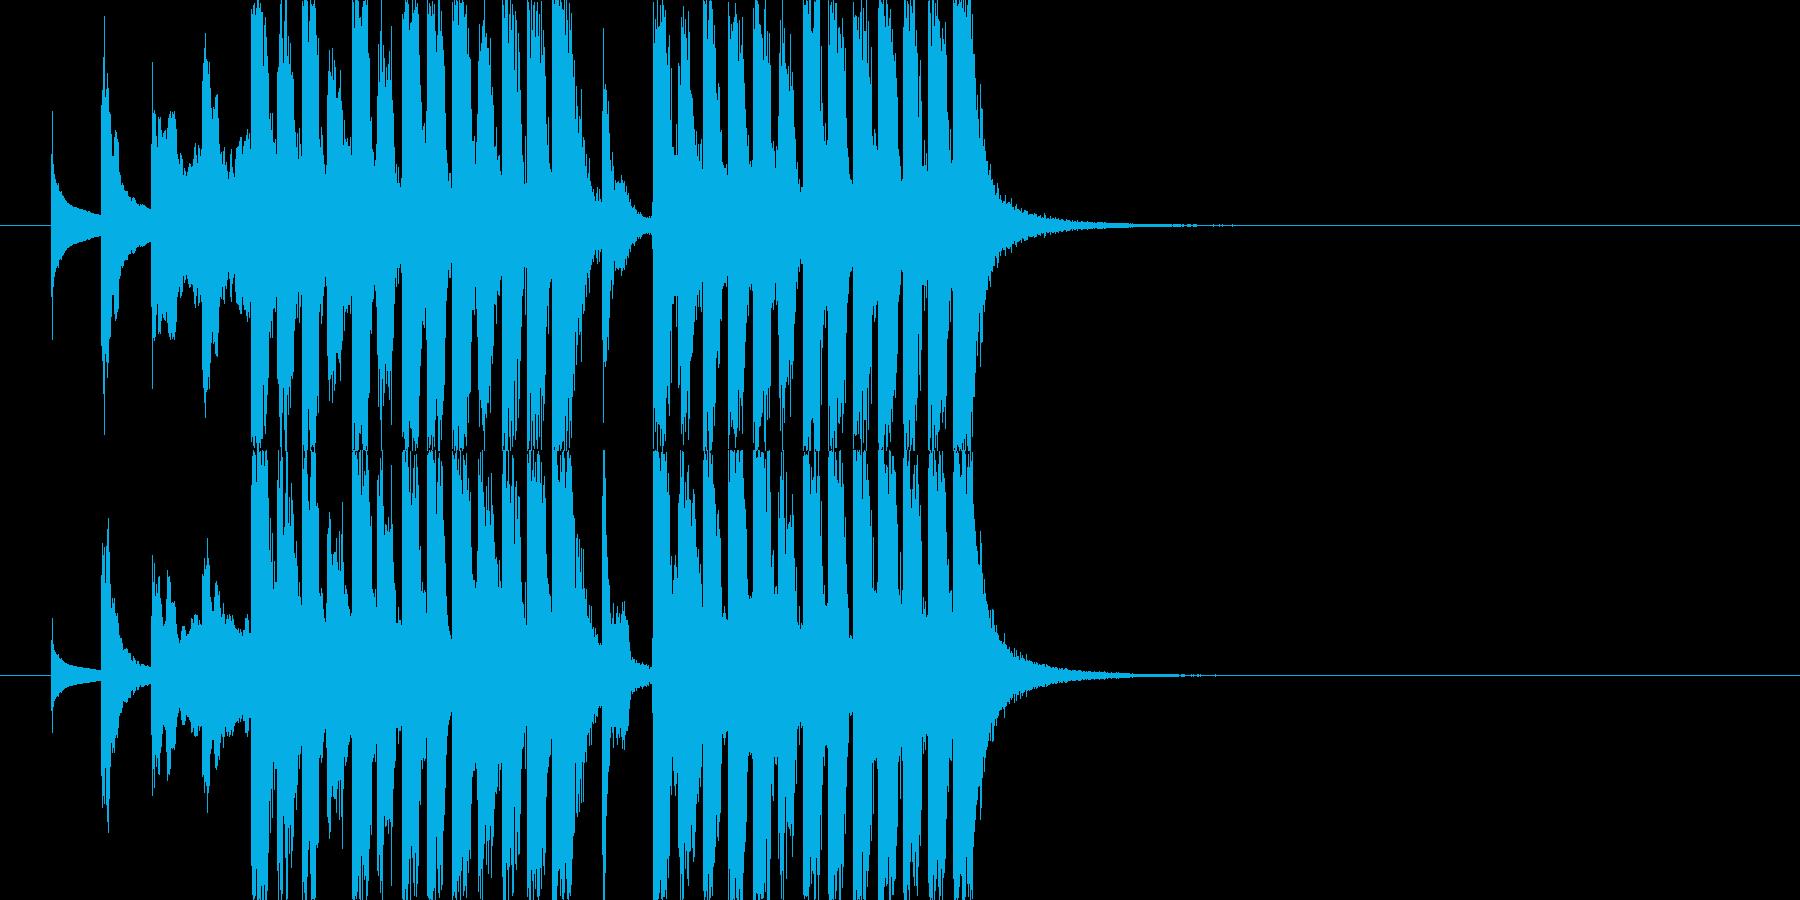 コミカルなジングル若年層コンテンツ J8の再生済みの波形